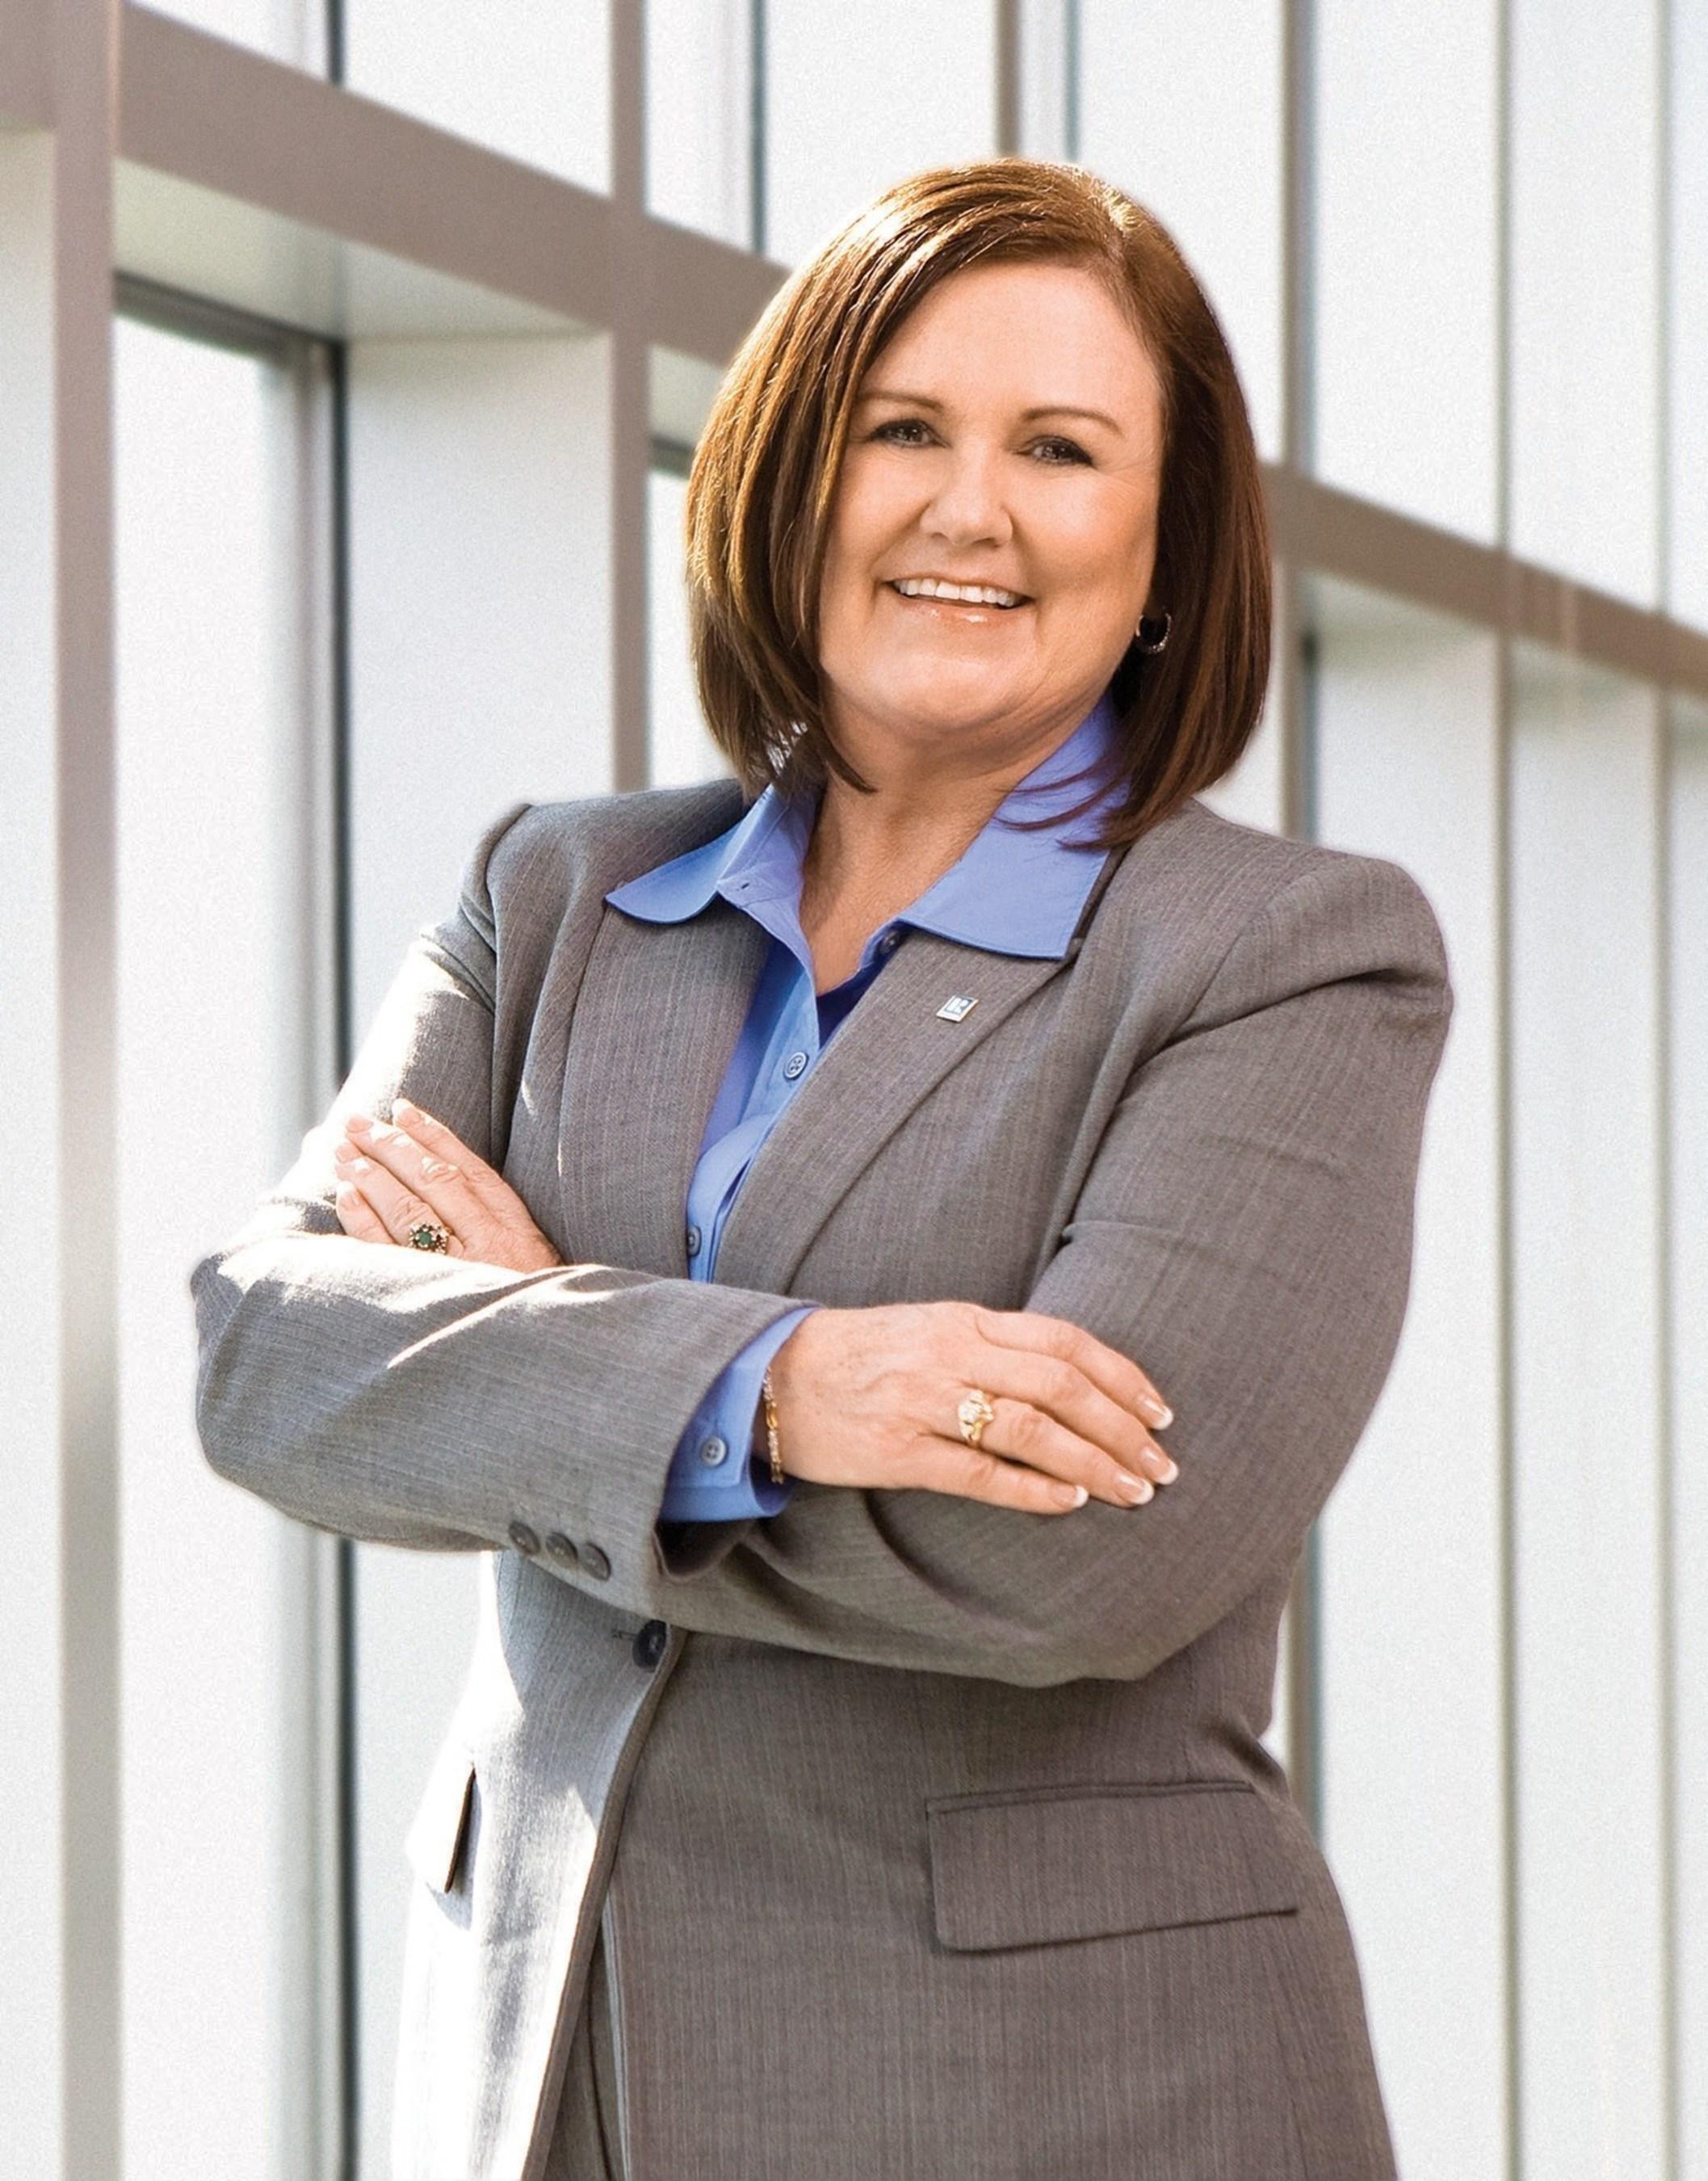 Cynthia Shelton